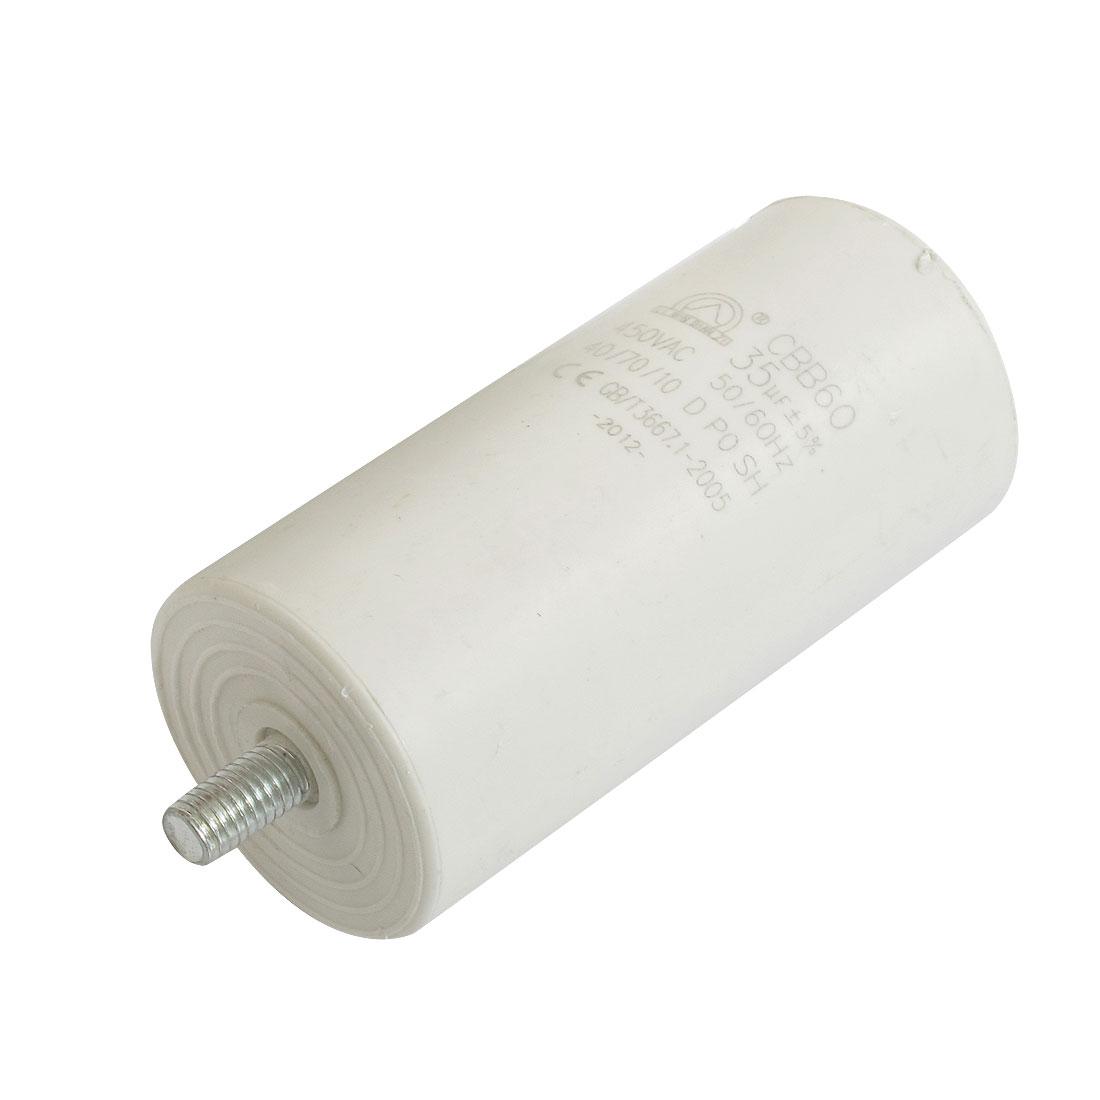 CBB60 White Plastic Shell AC 450V 50/60Hz 35uF Motor Polypropylene Capacitor